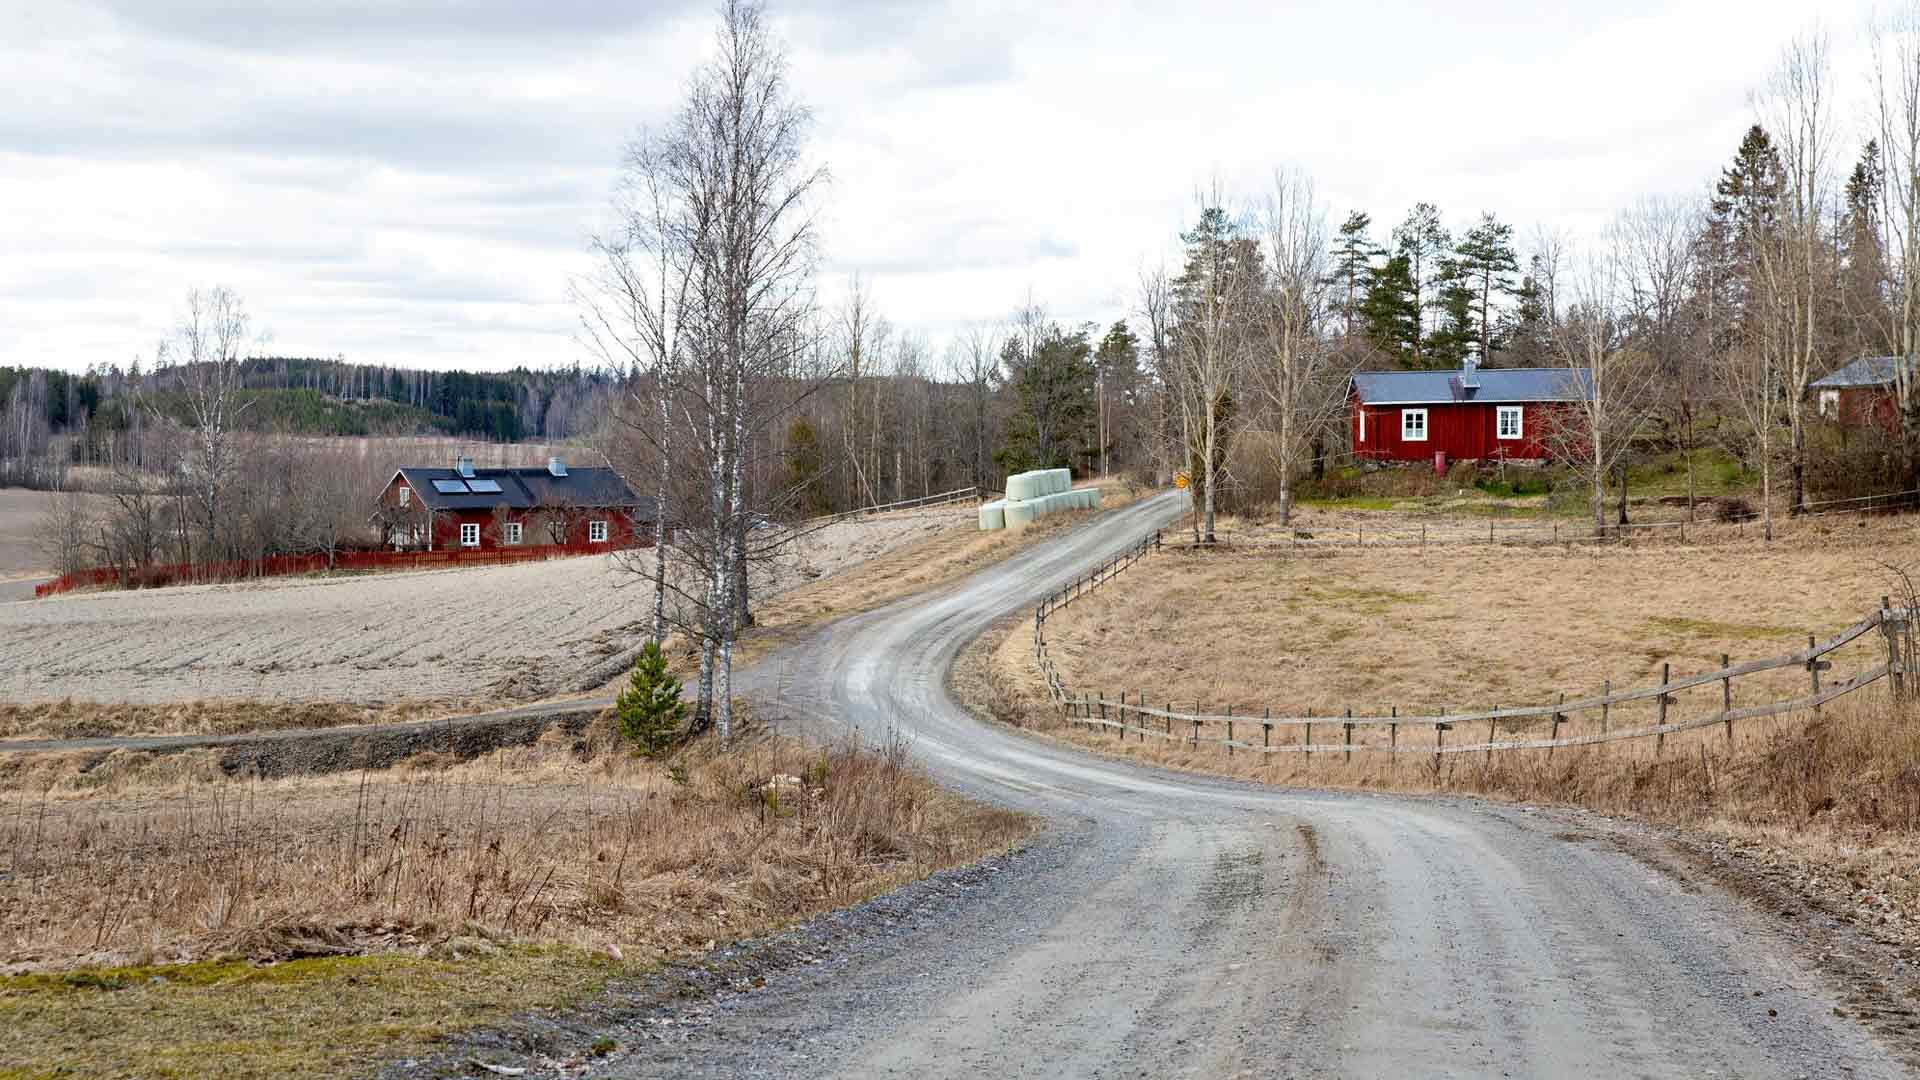 Kärkelään vie hiljainen kylätie. Suurin osa Uusimaastakin on maaseutua.